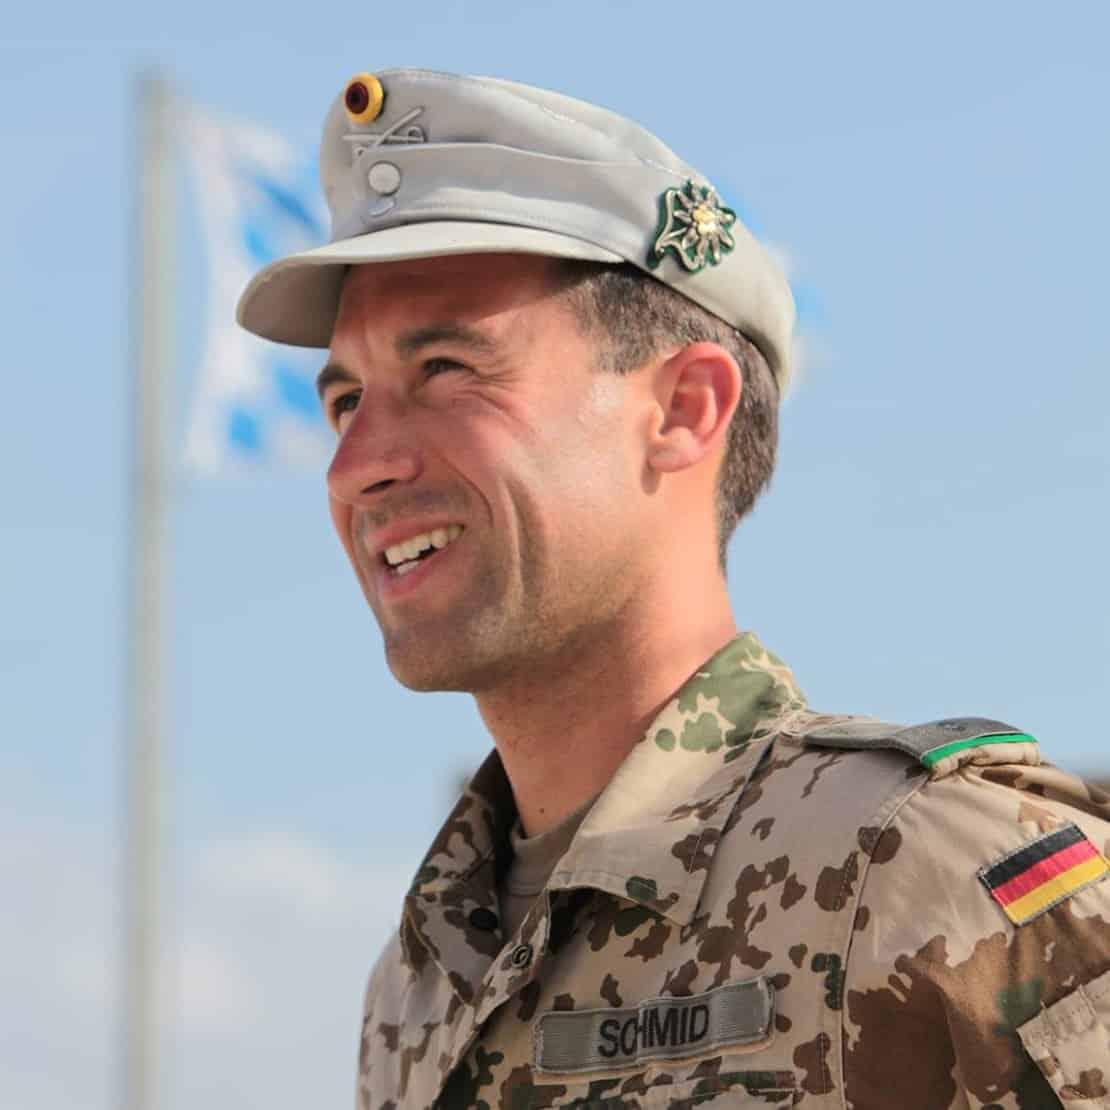 Das Bild zeigt Johannes Schmid in seiner Zeit bei der Bundeswehr.